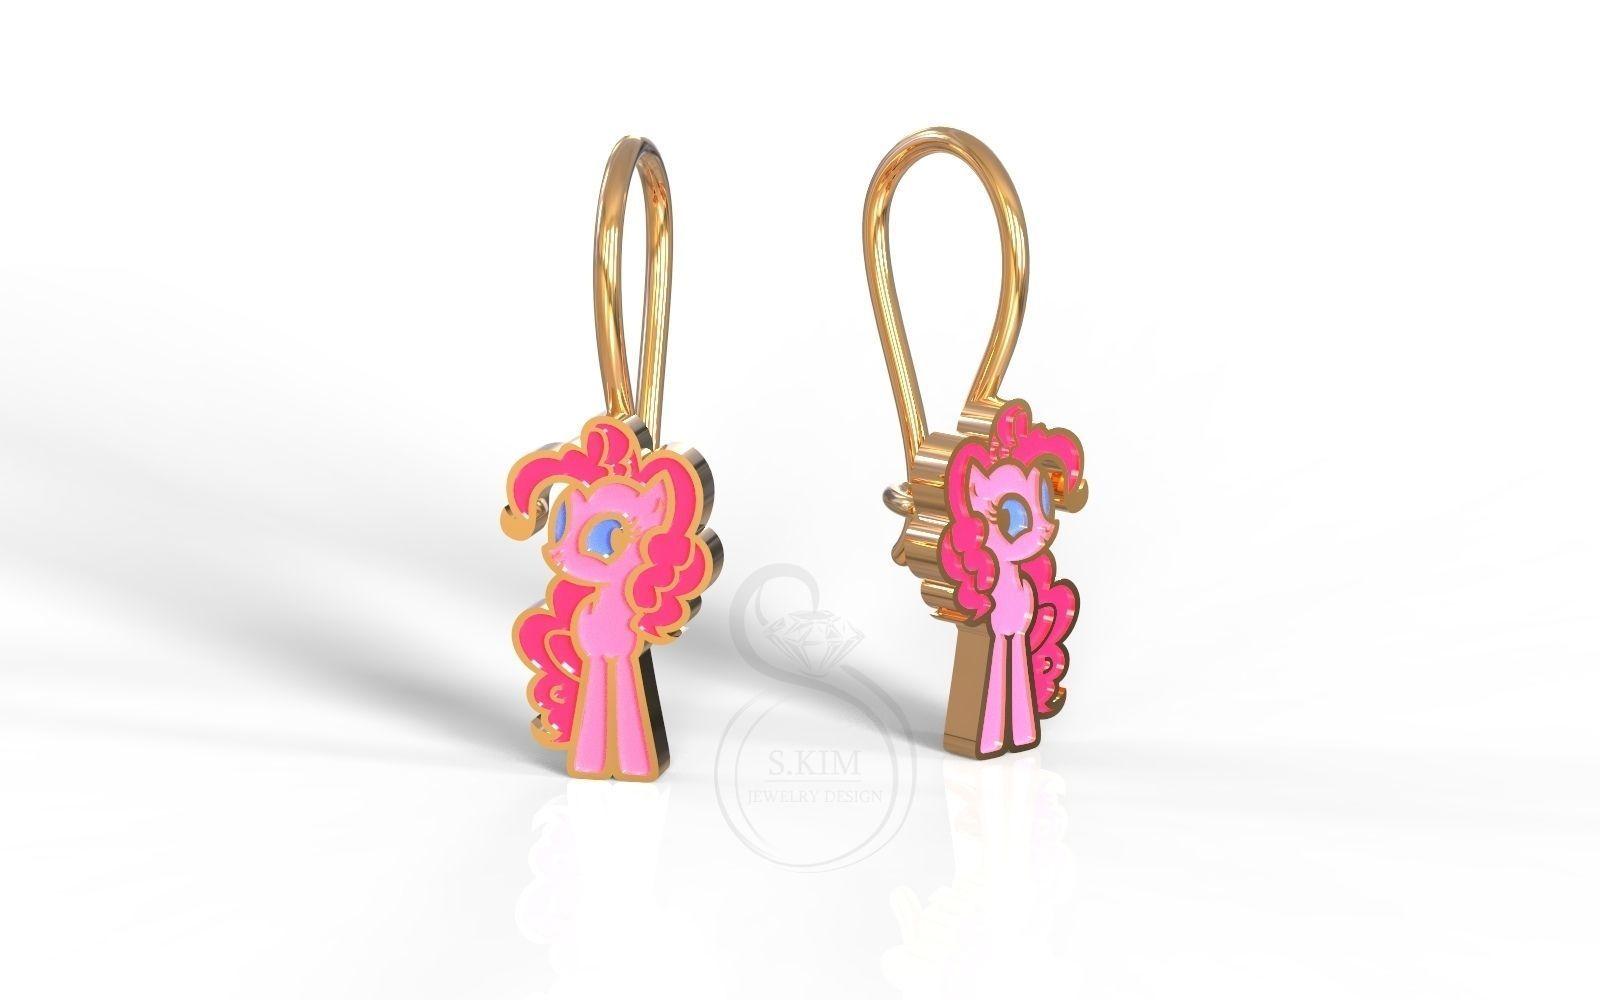 Pinkie Pie earrings